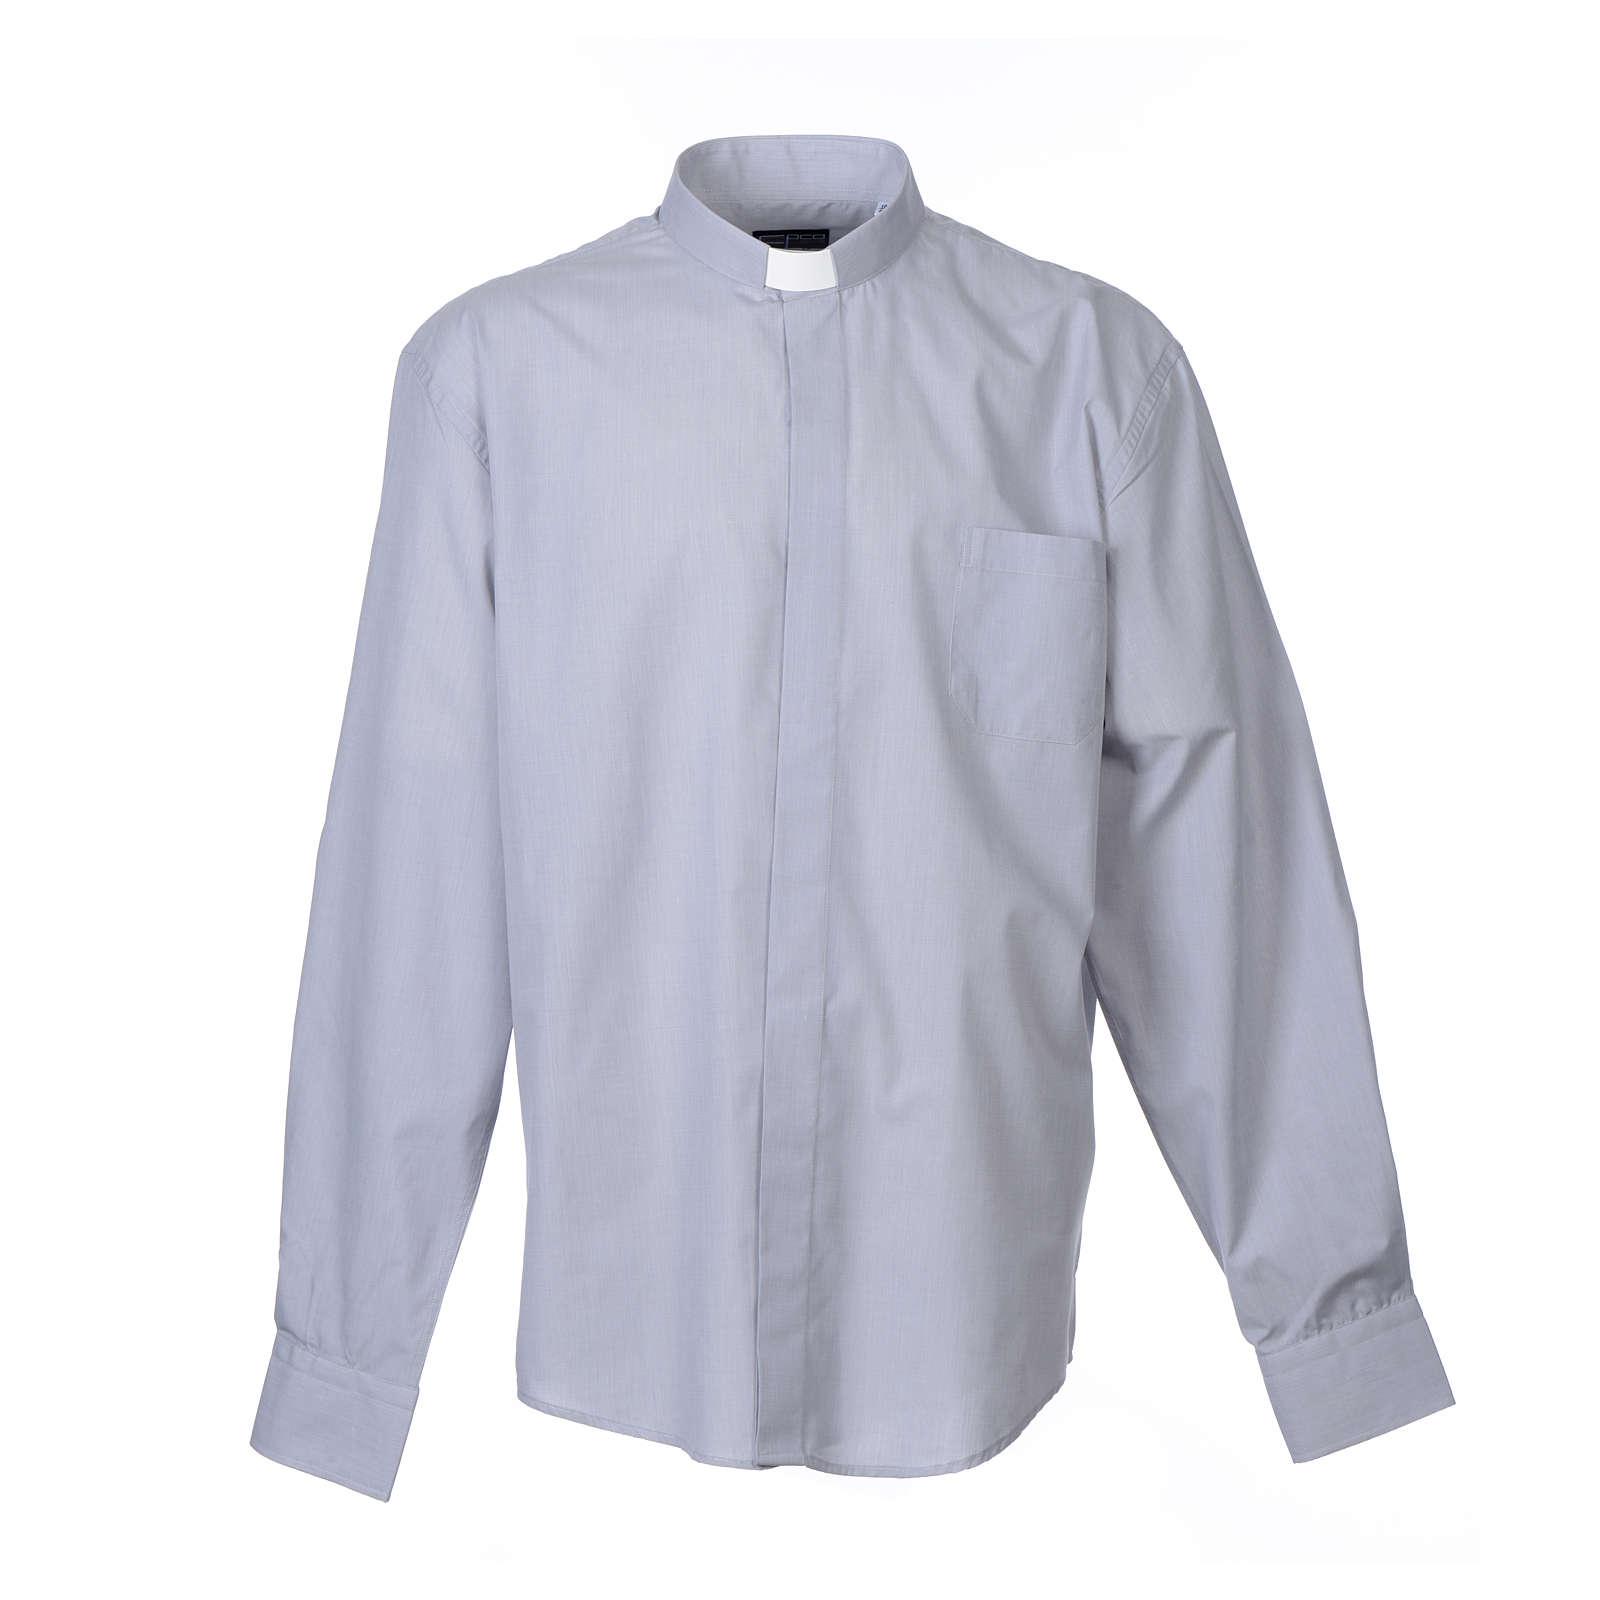 Chemise clergy m. longues Fil à fil Mixte coton Gris clair 4